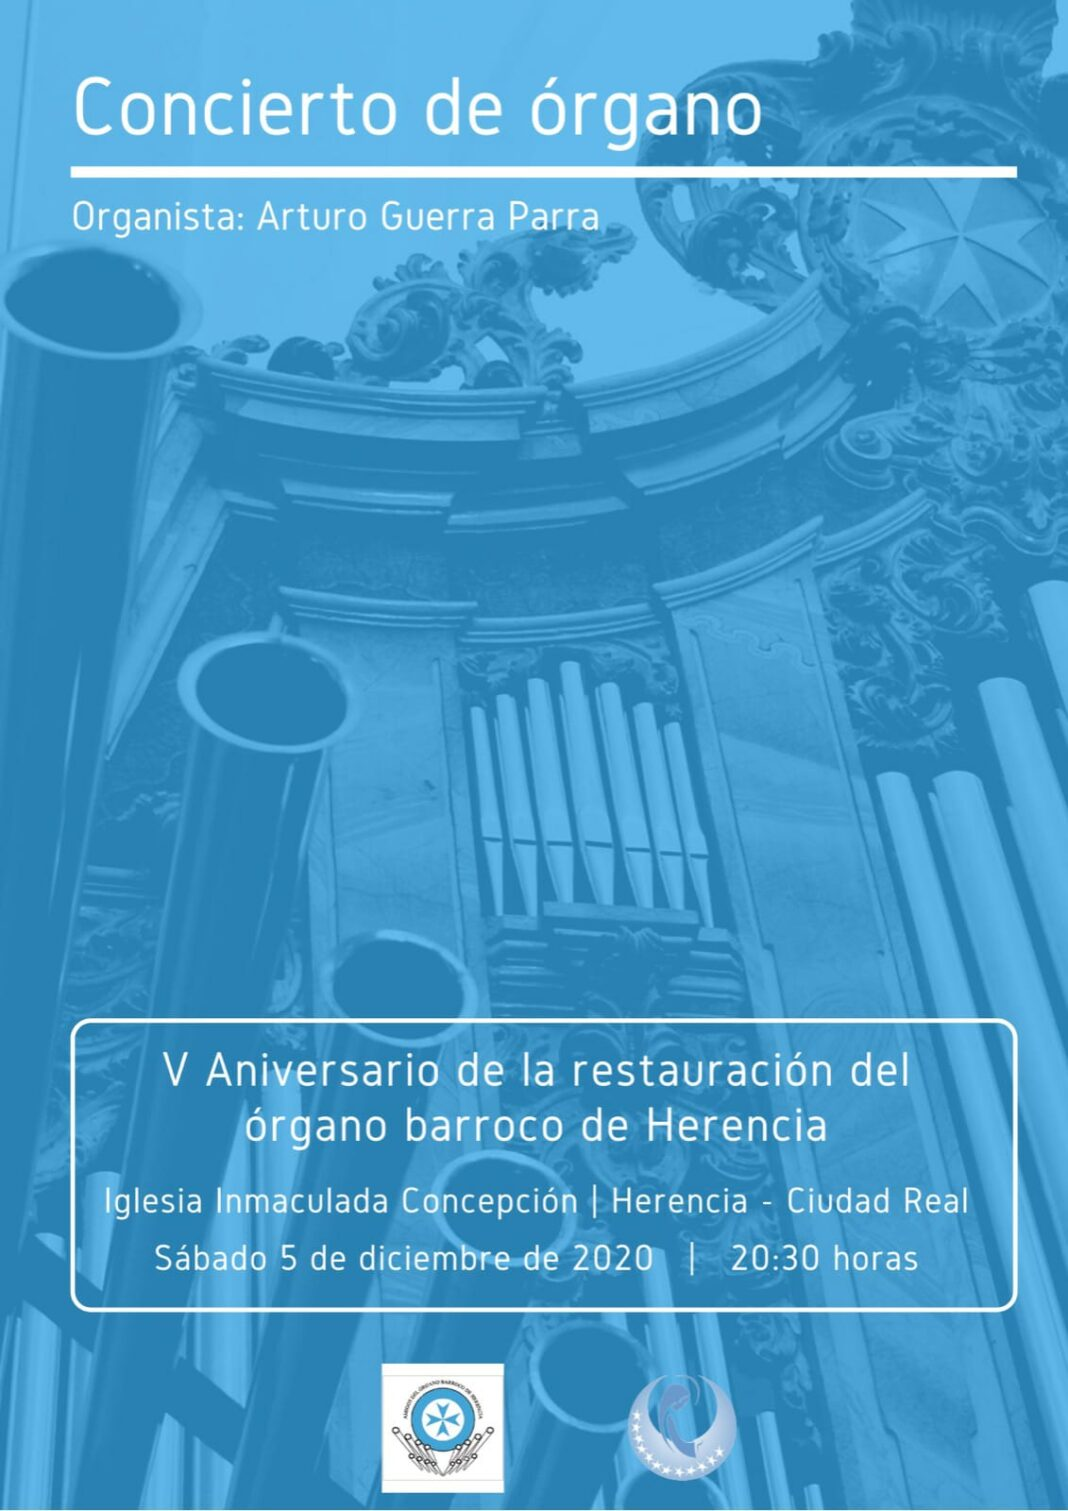 Concierto aniversario de la restauración-reconstrucción del órgano barroco de Herencia 7